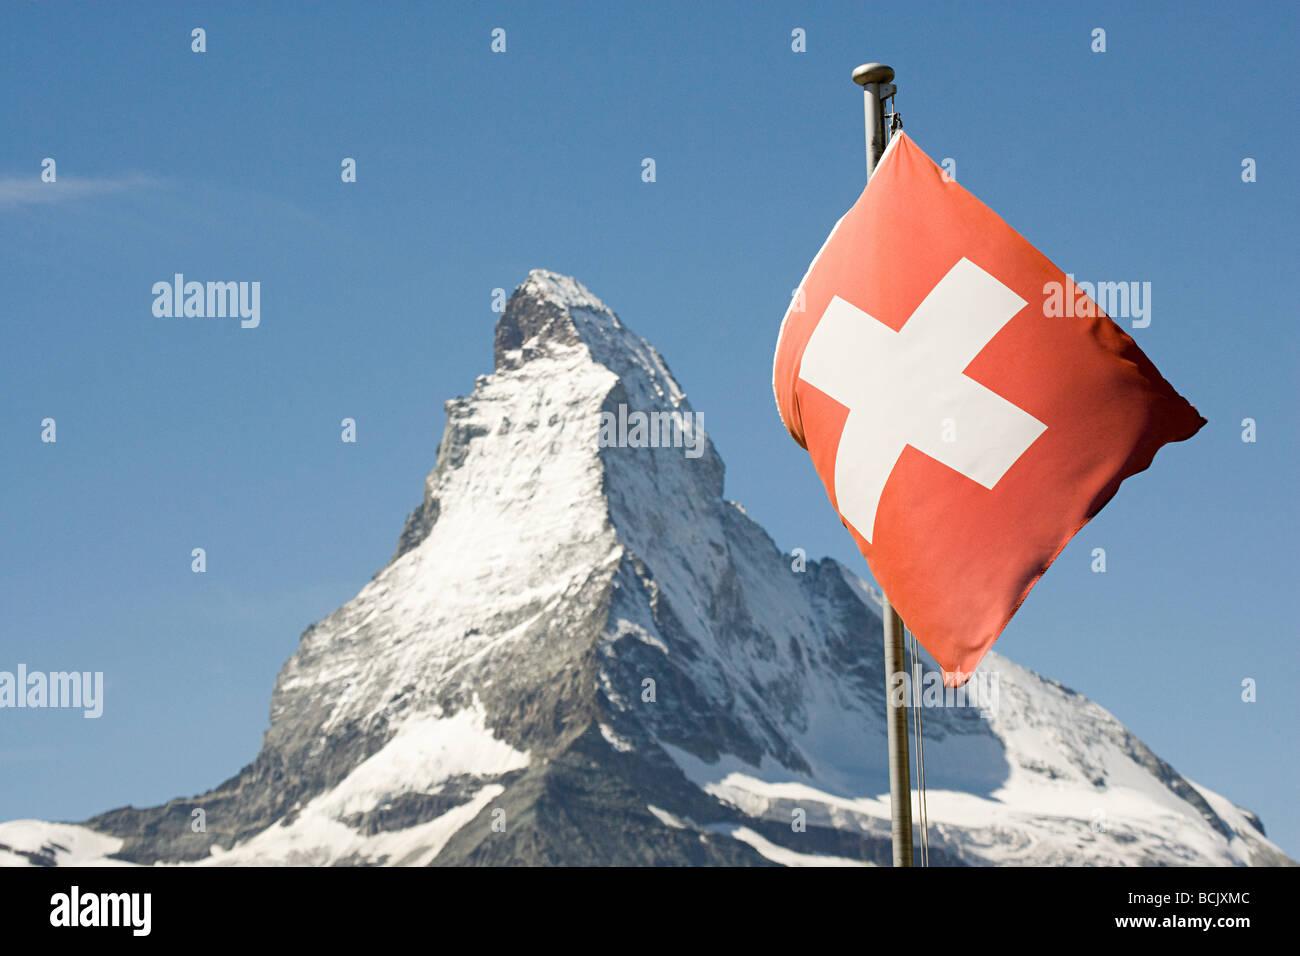 Swiss flag and matterhorn - Stock Image